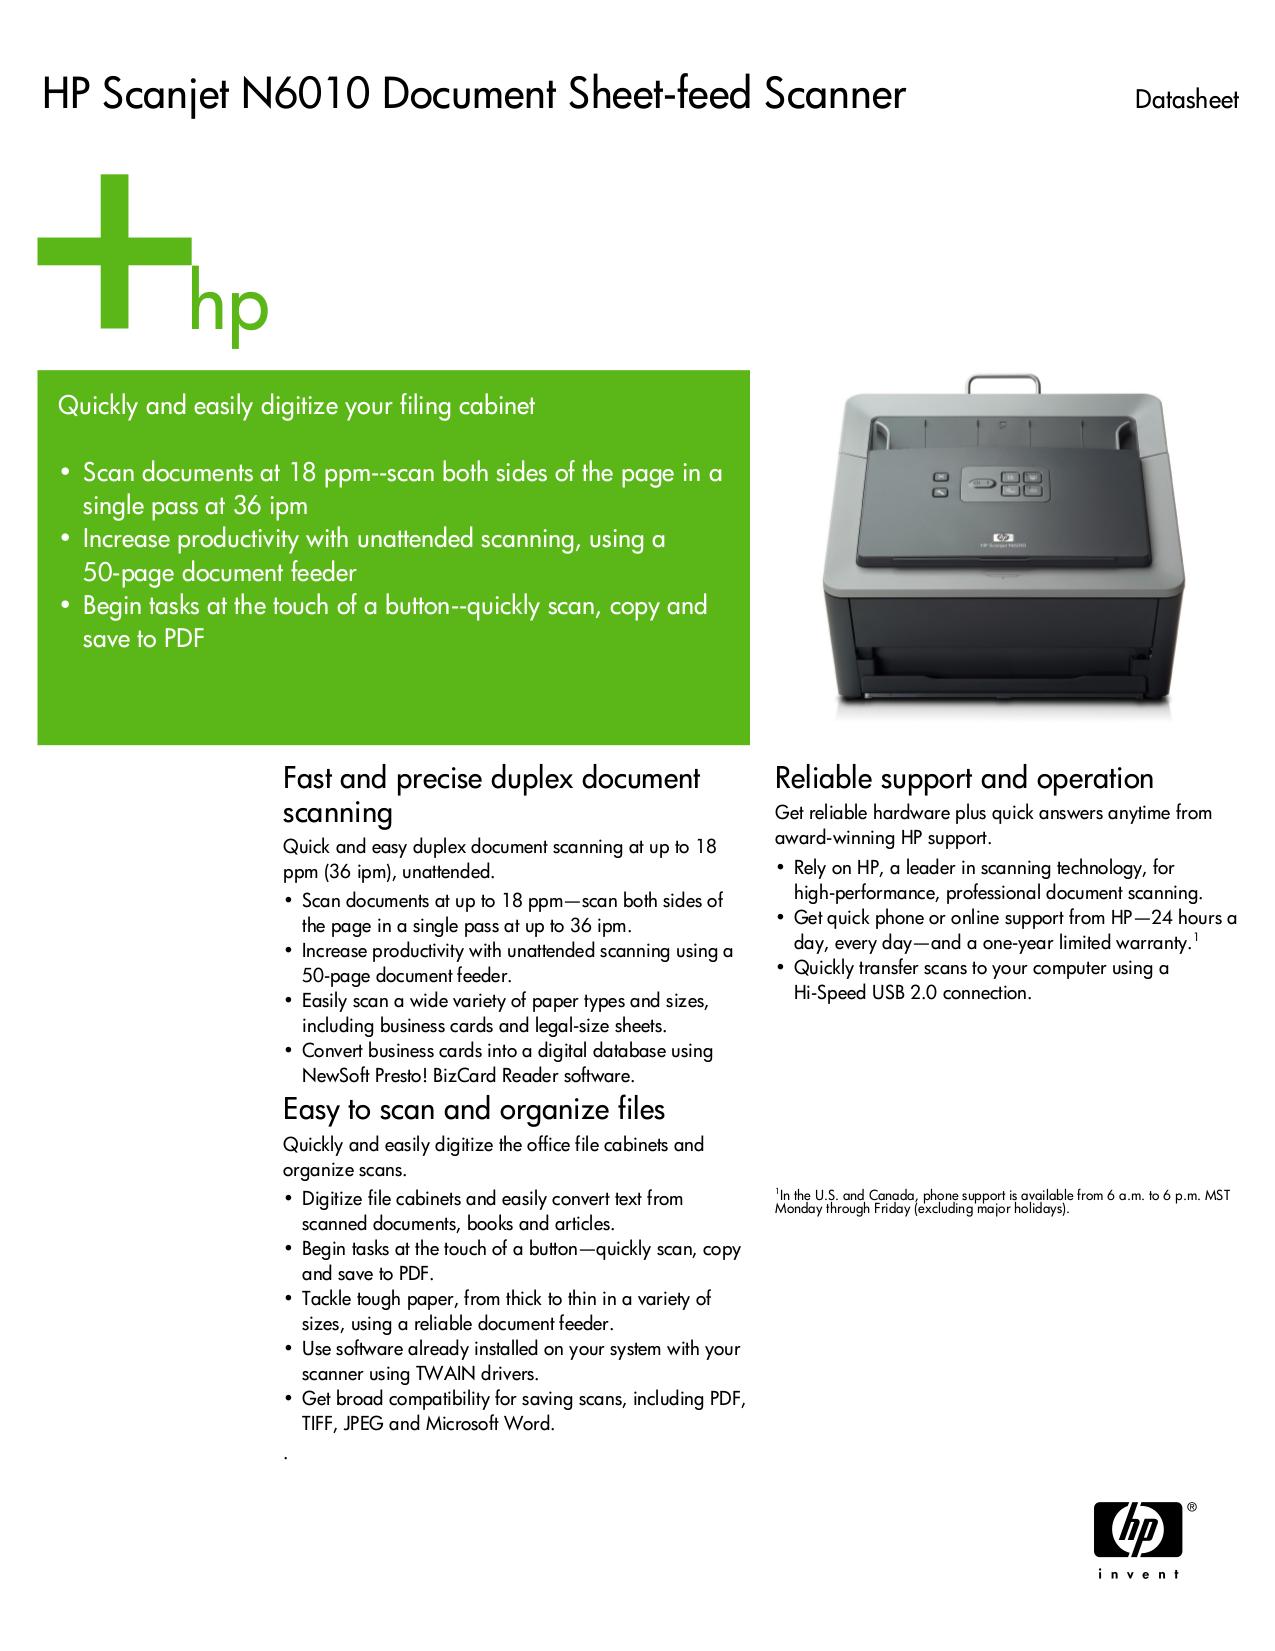 download free pdf for hp scanjet n6010 scanner manual rh umlib com hp scanjet n6010 service manual pdf hp scanjet n6010 service manual pdf